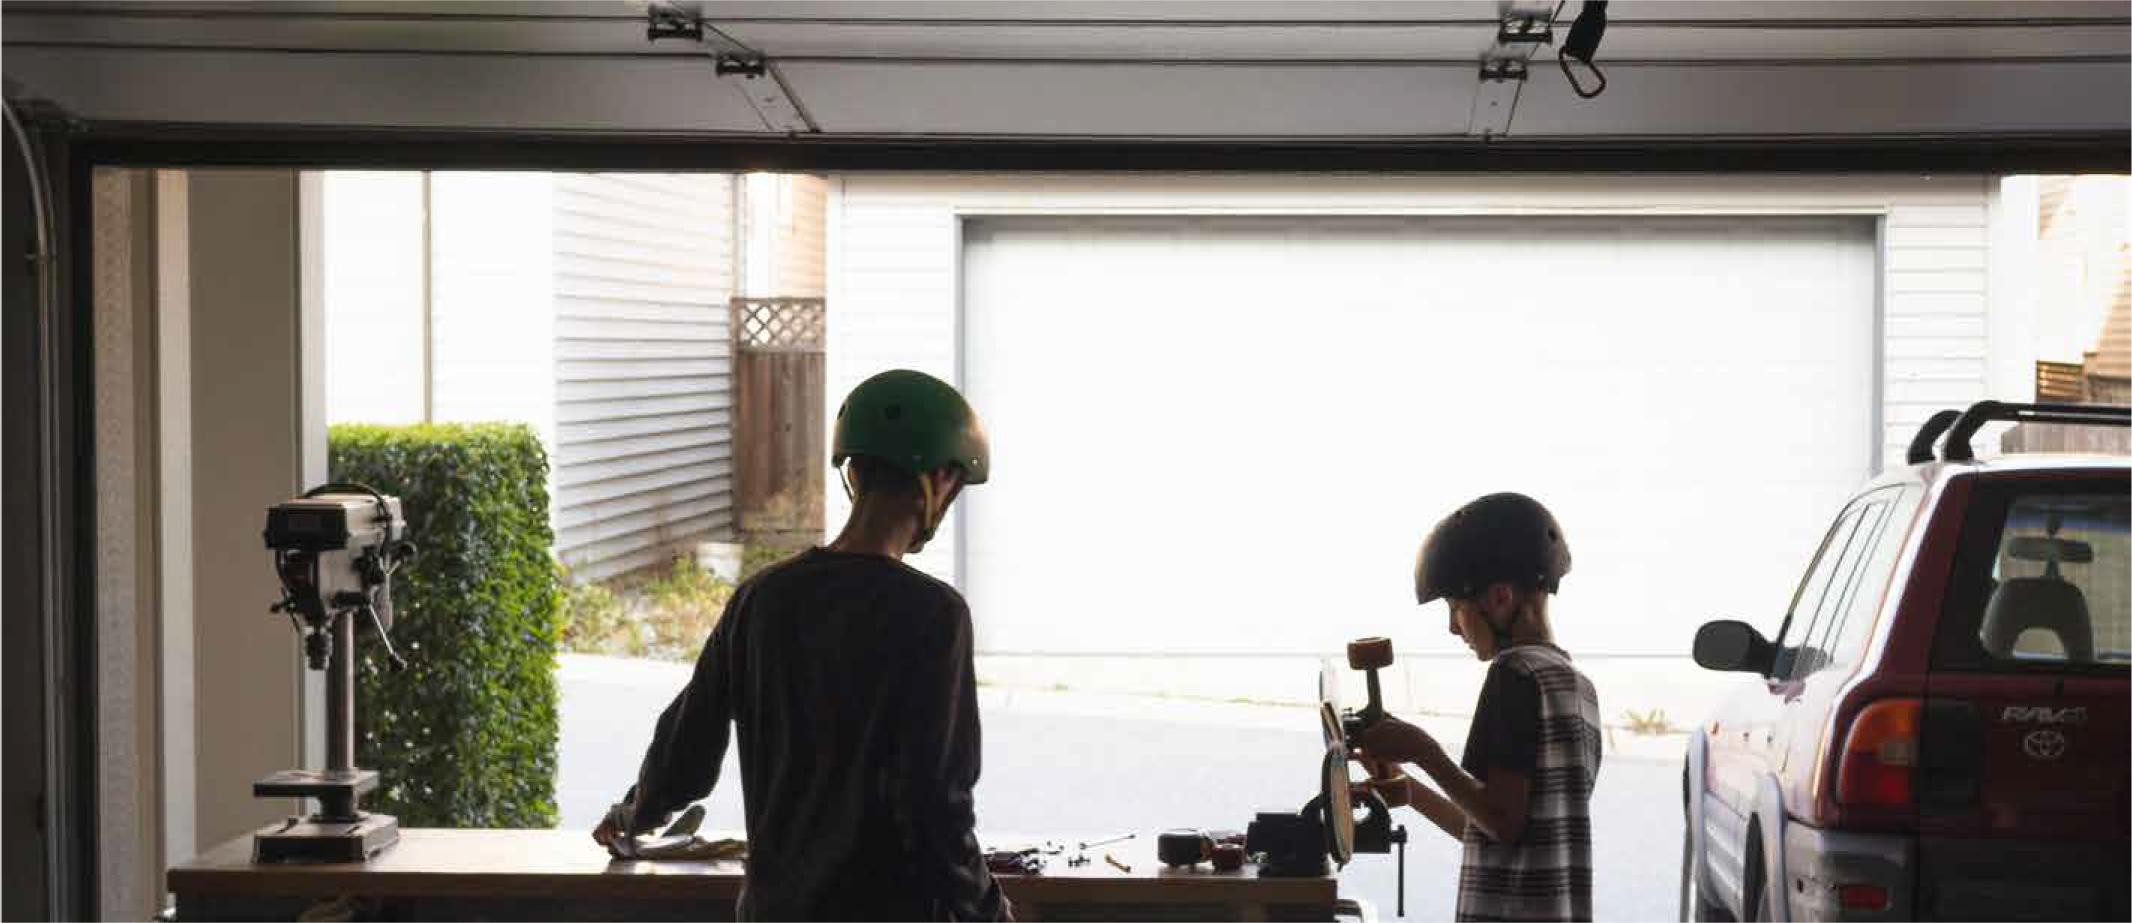 Garage Storage - Kids Fixing Skateboard